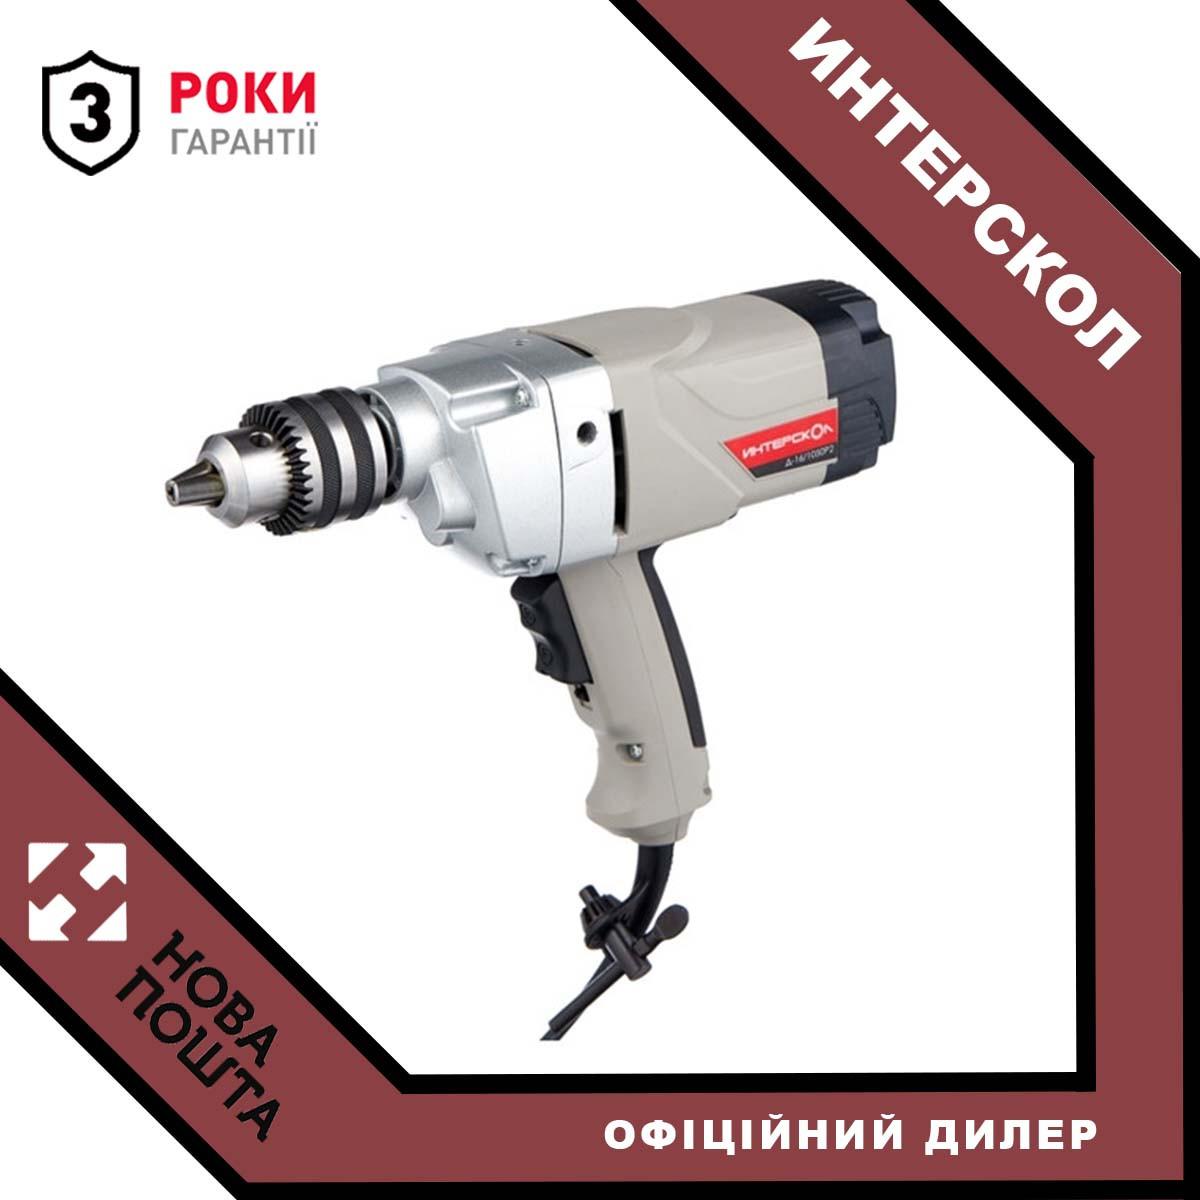 Дриль-міксер Интерскол Д-16/1050Р2